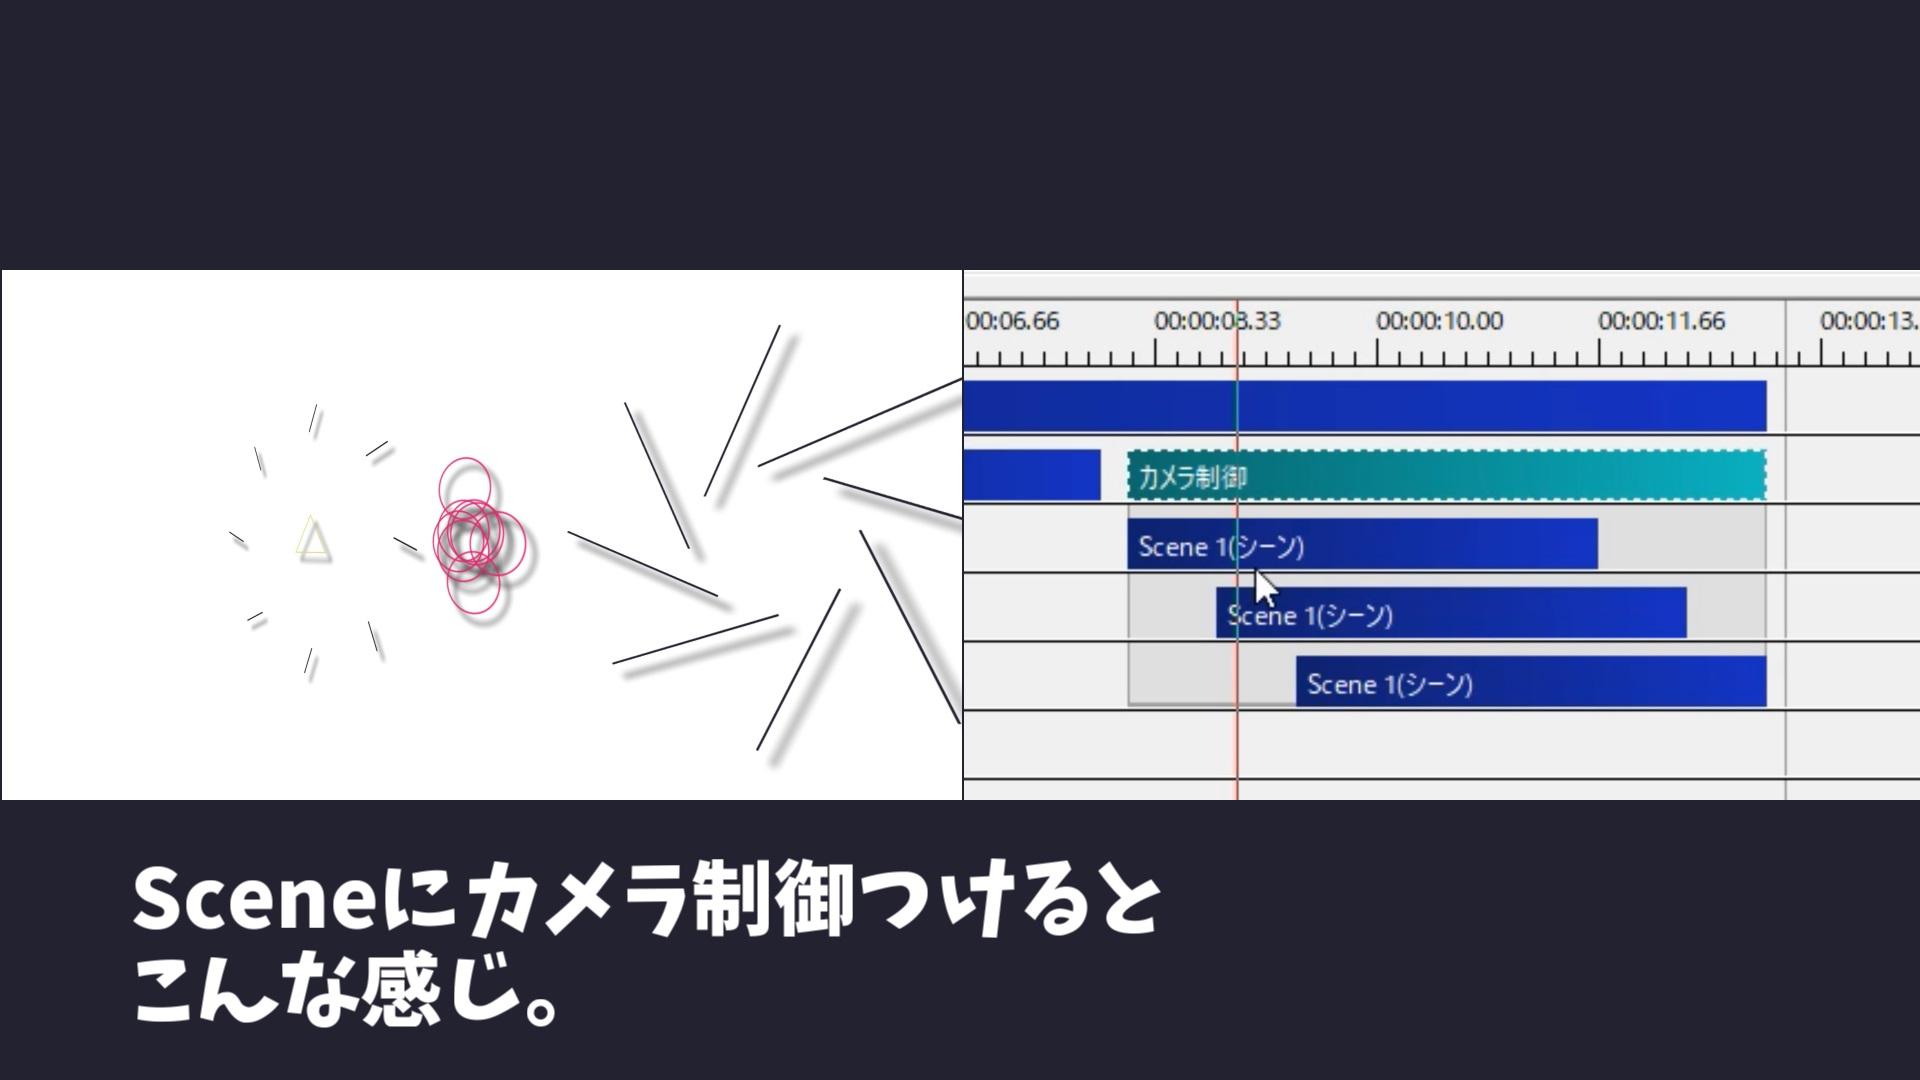 Sceneオブジェクトにはカメラ制御をつけることもできます。